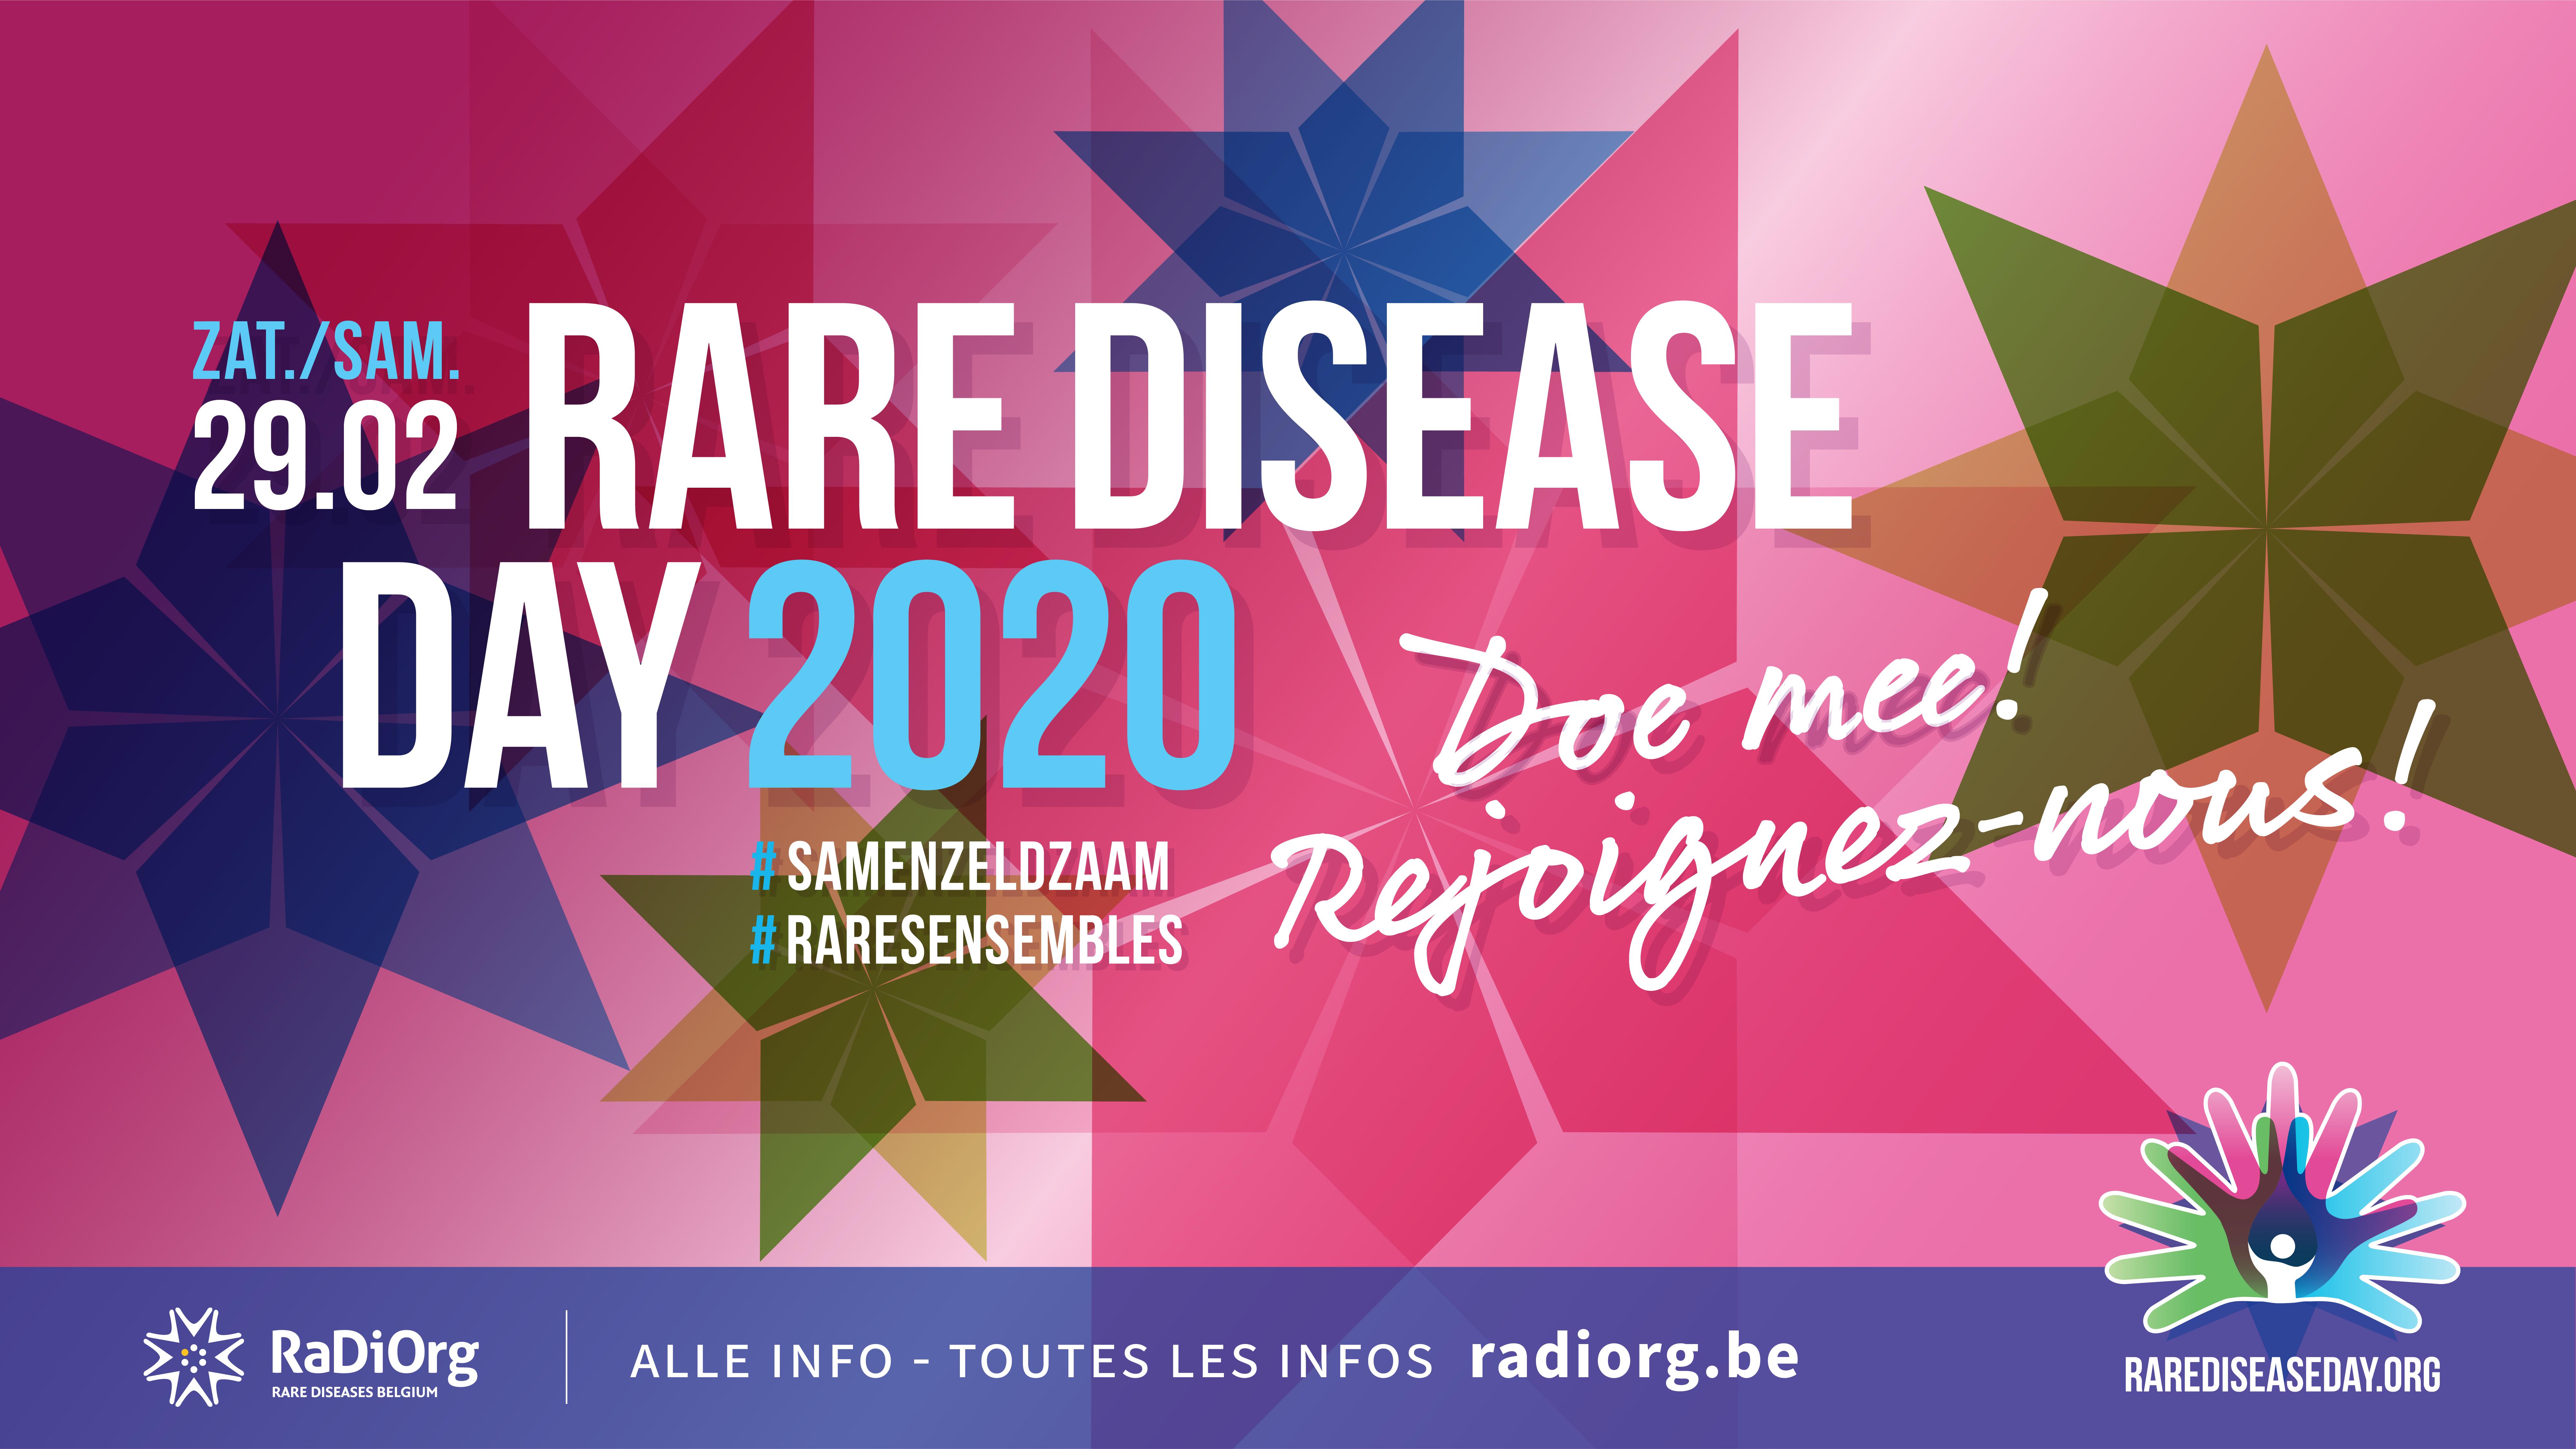 RDD2020 Facebook event Banner 1920 x 1080px.jpg